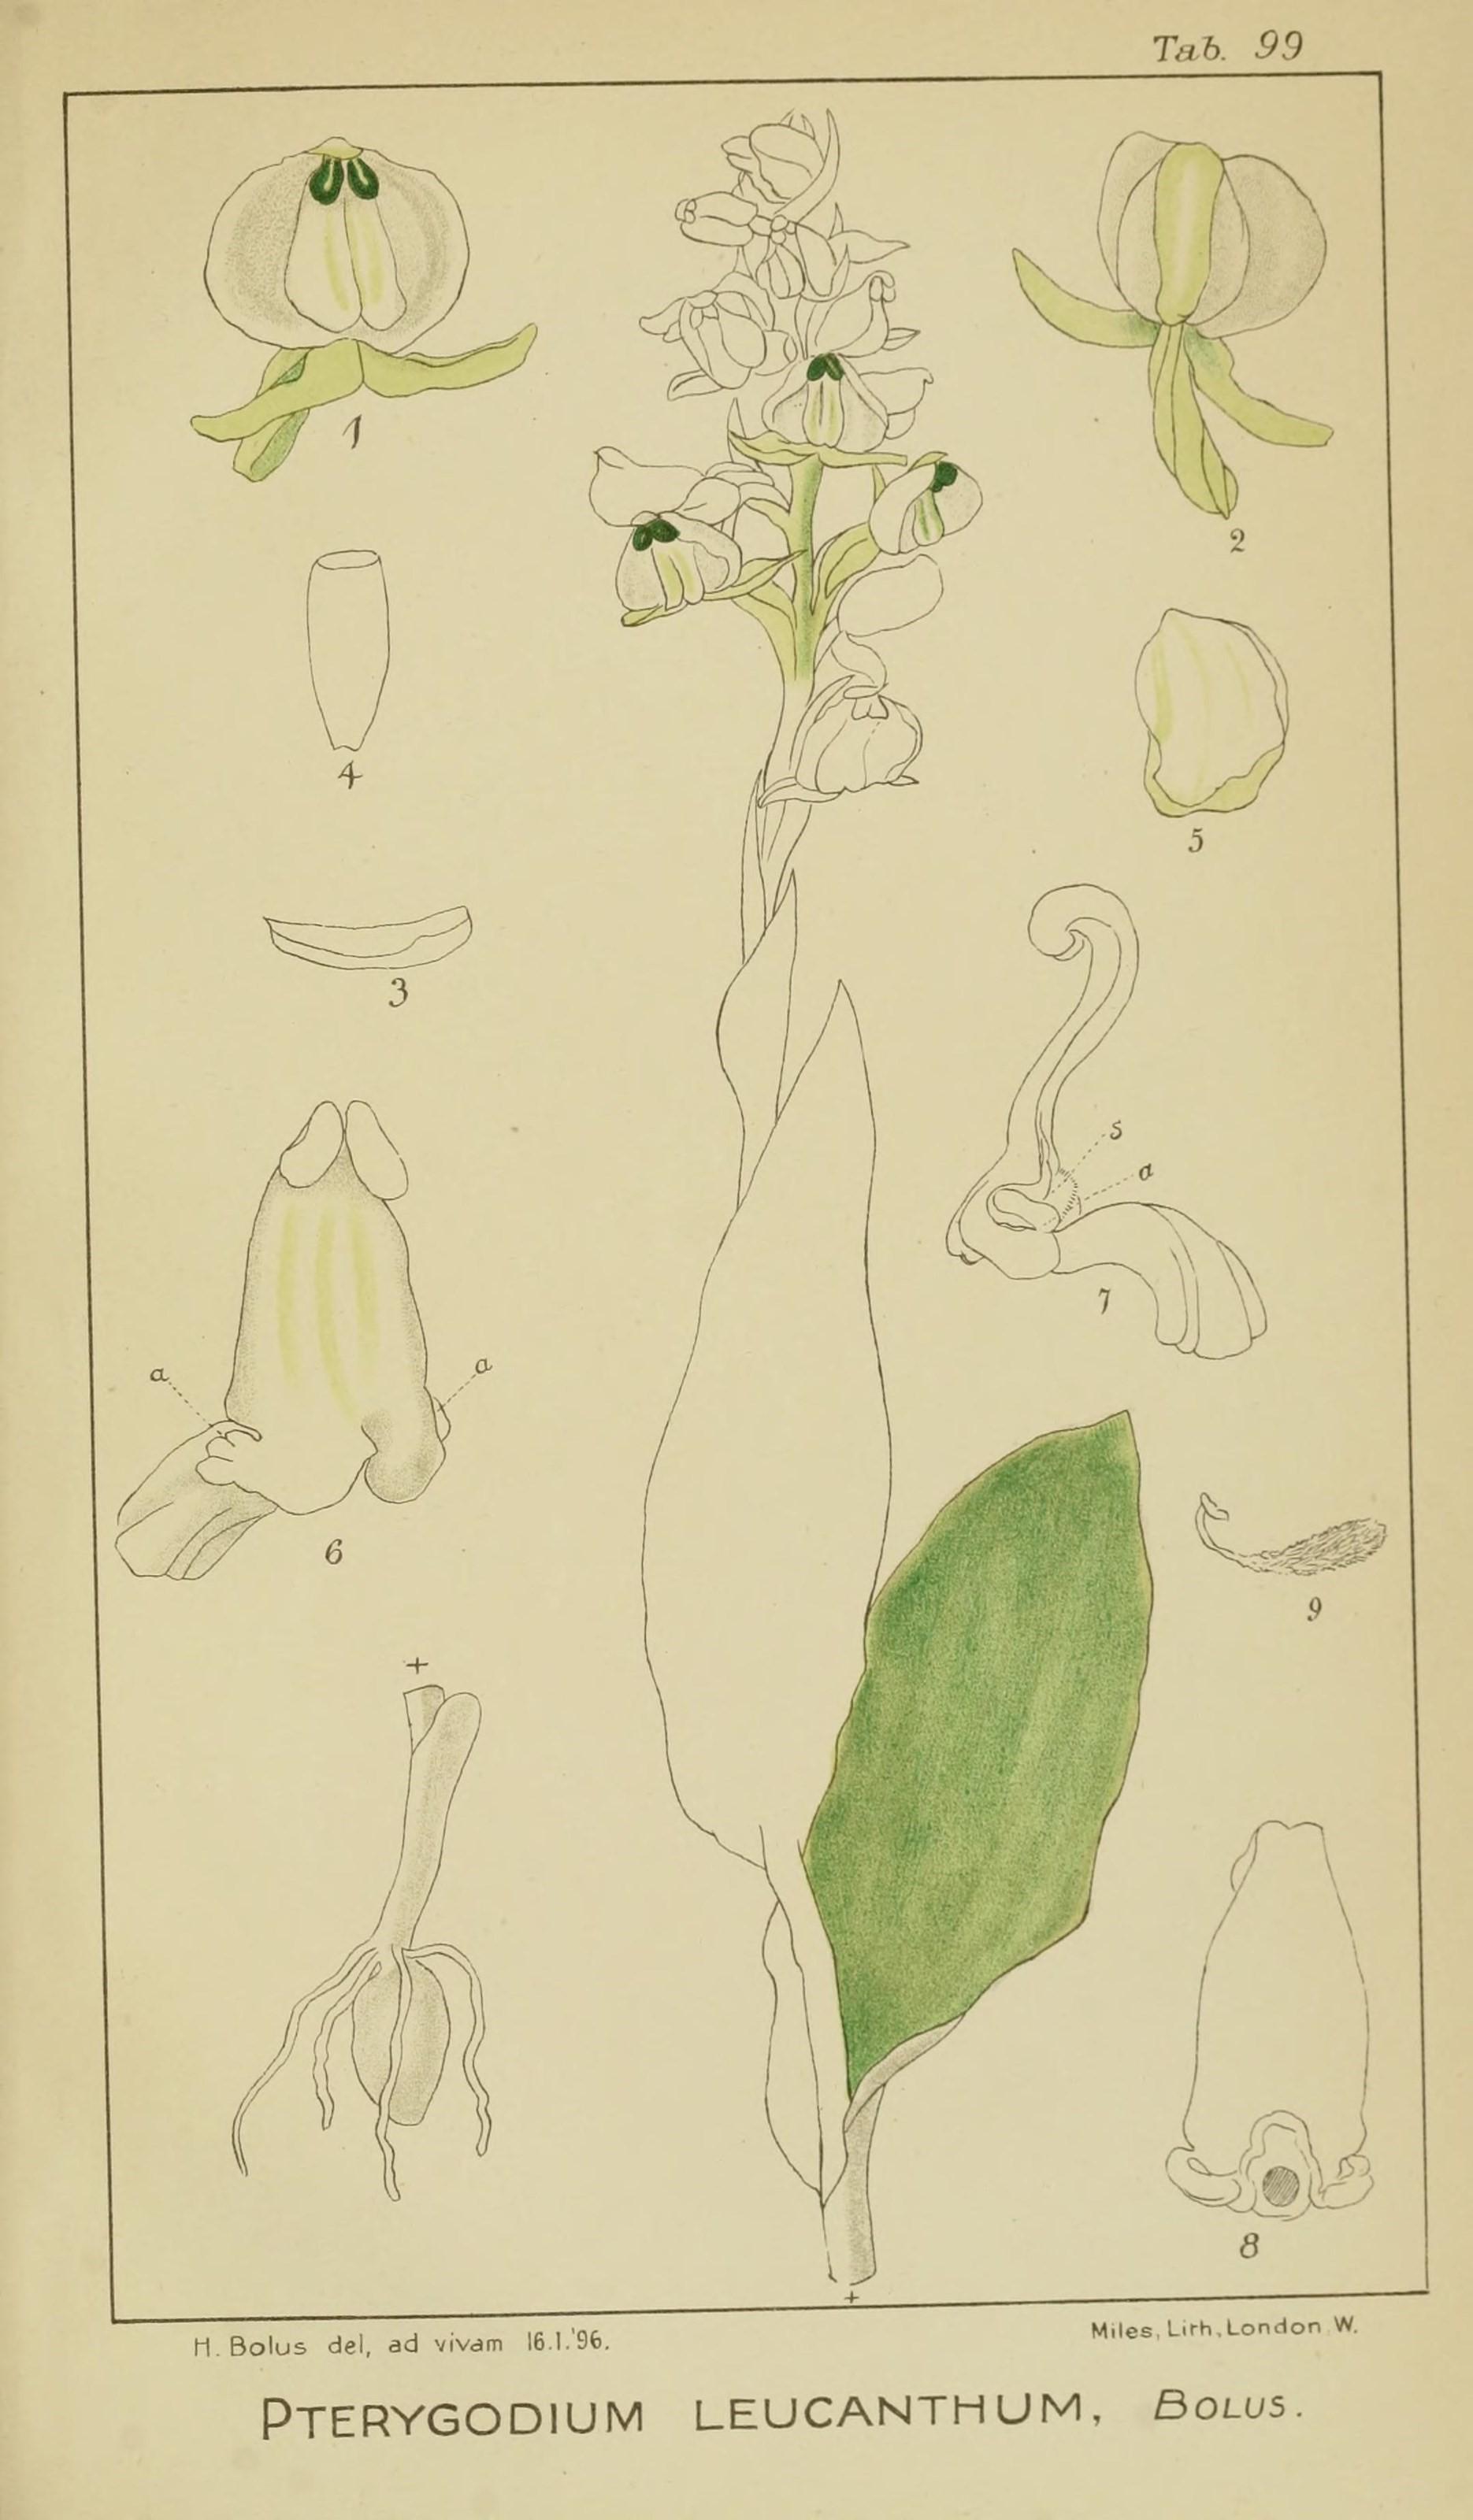 Image of Pterygodium